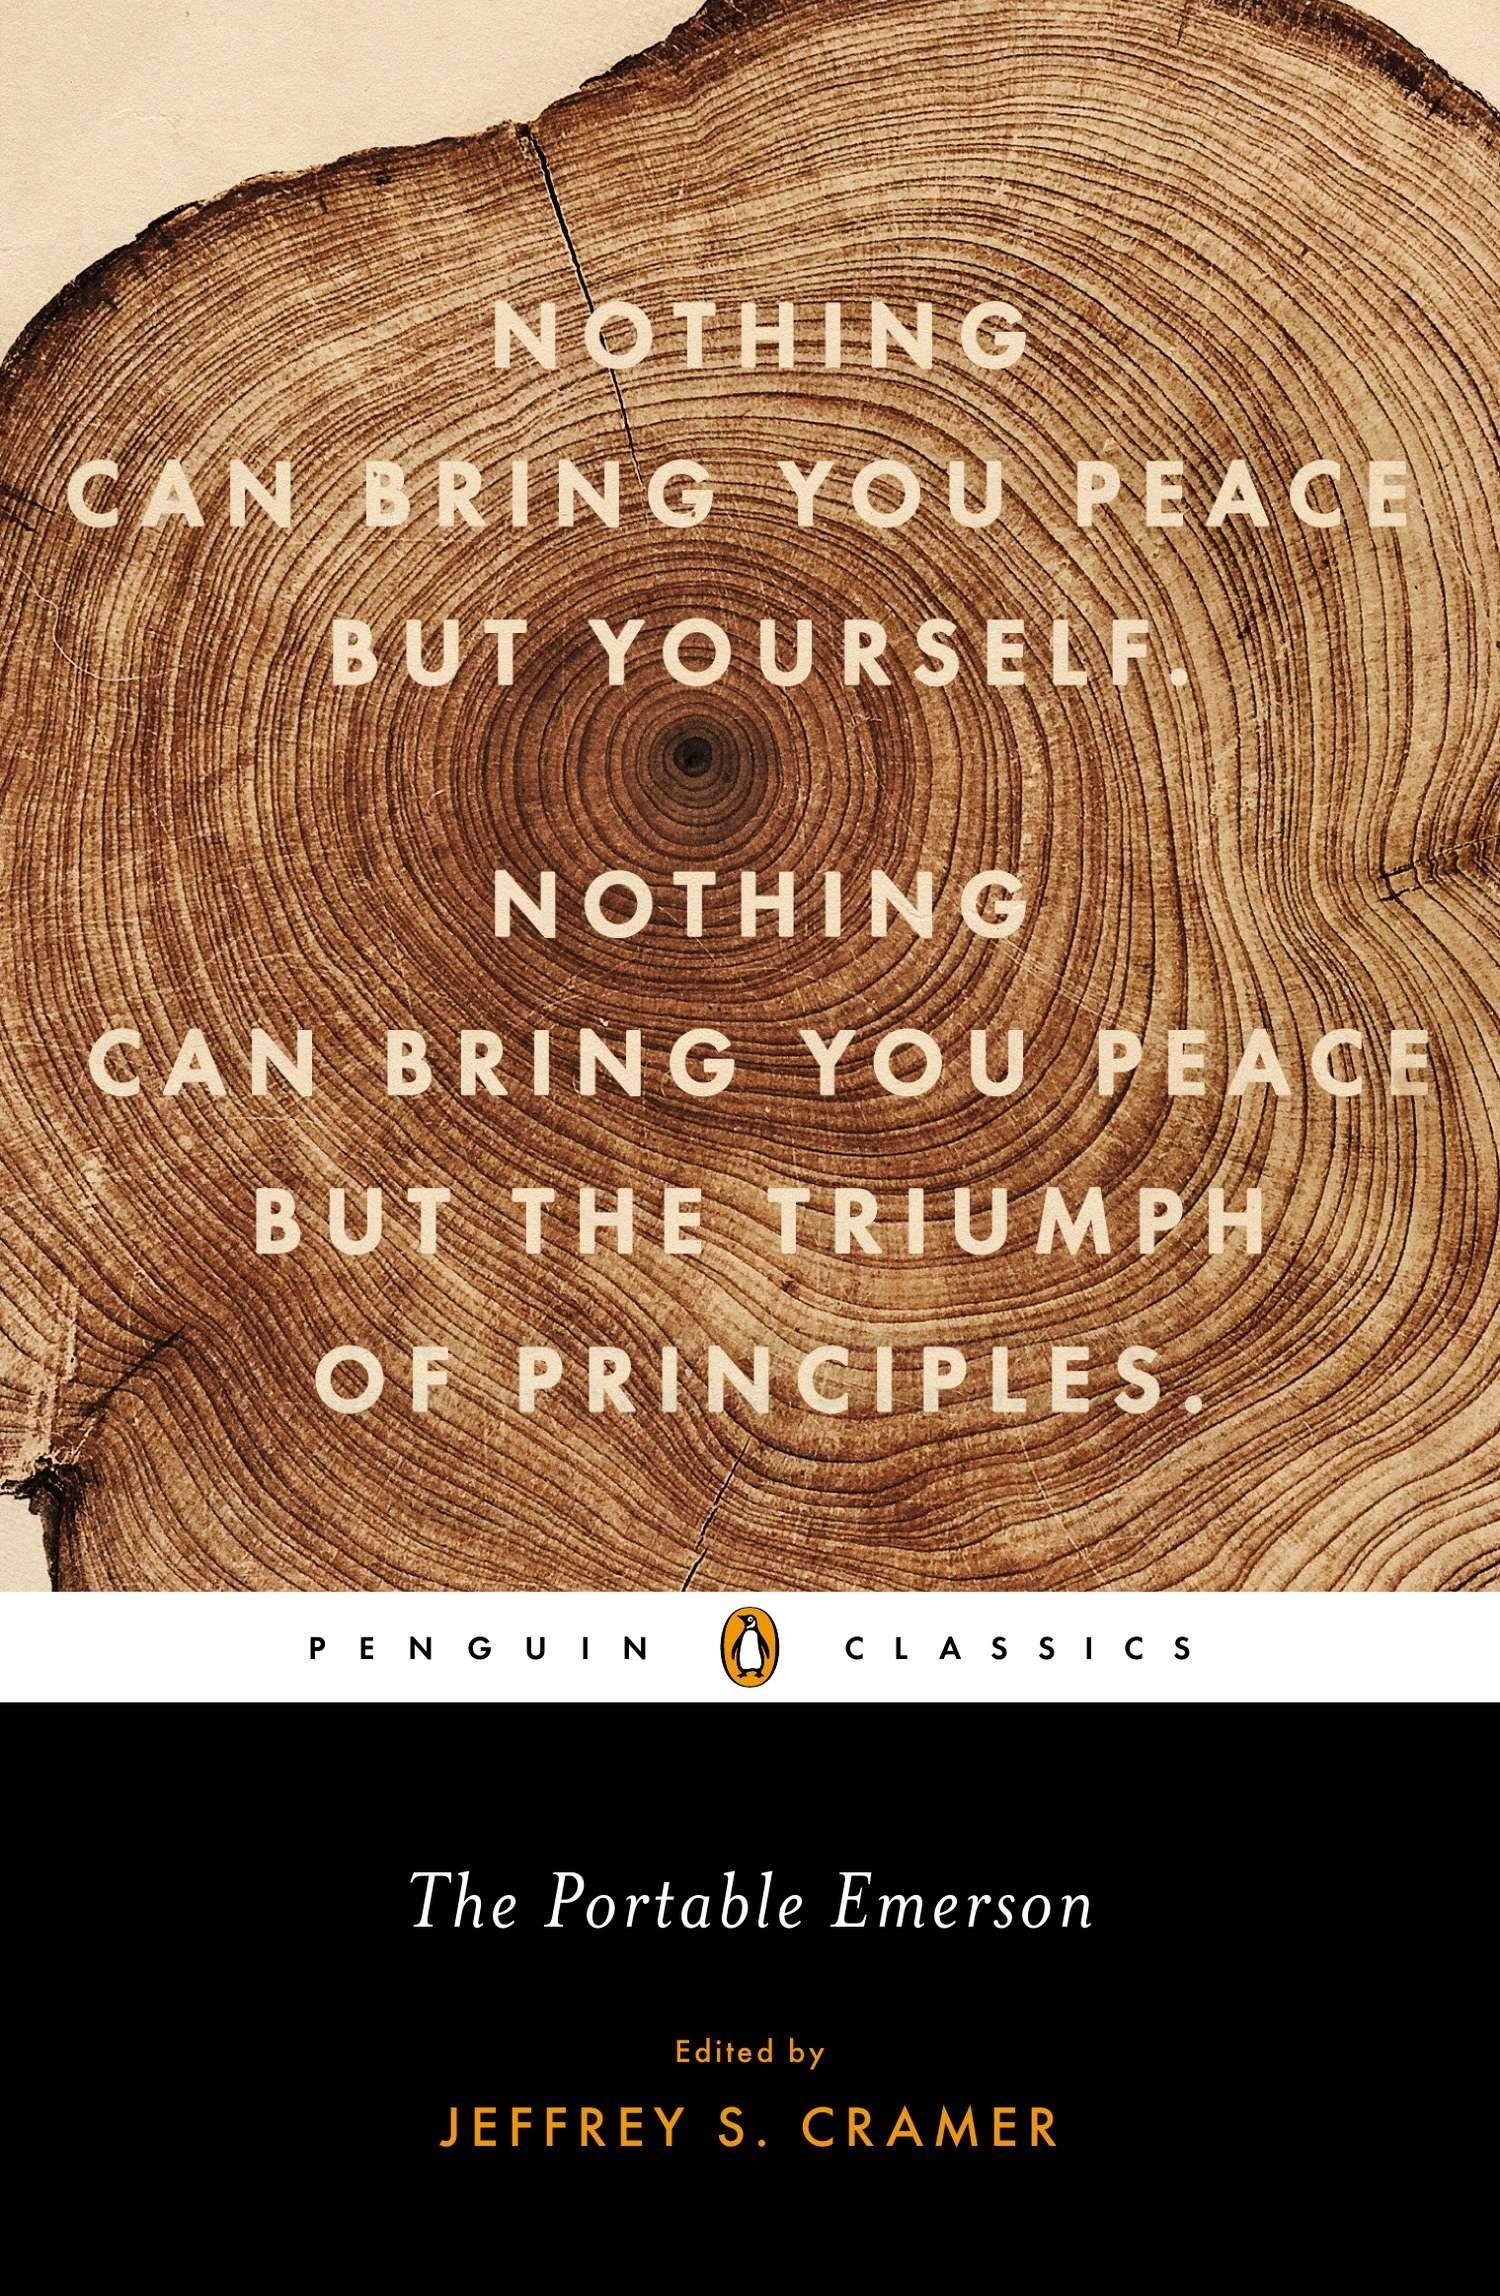 The Portable Emerson (Penguin Classics)